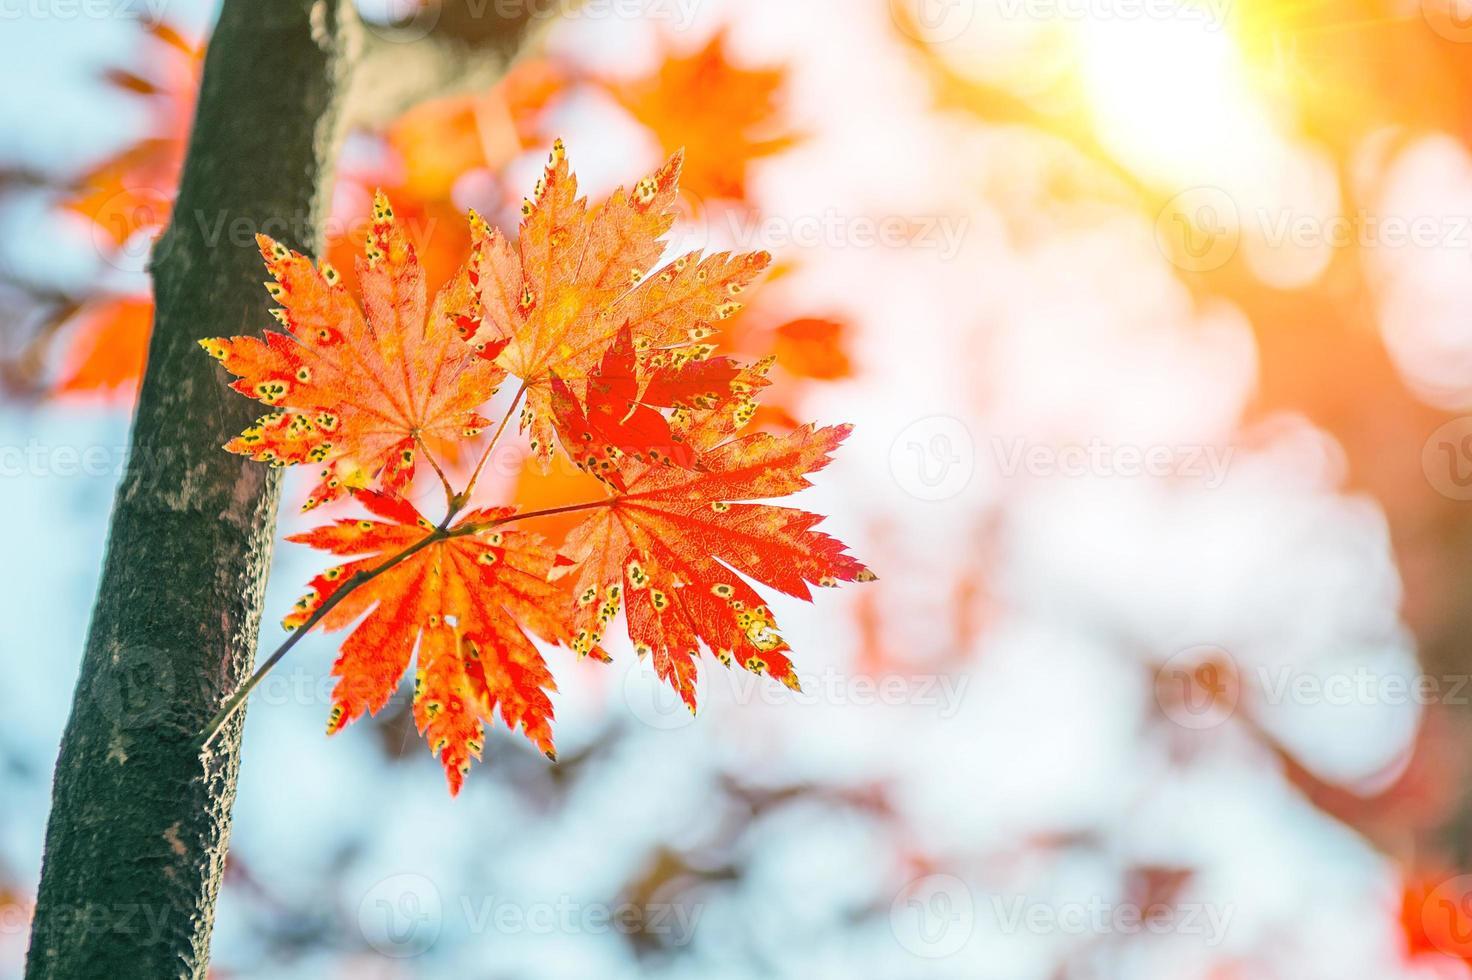 feuille d'érable en automne en Corée. photo